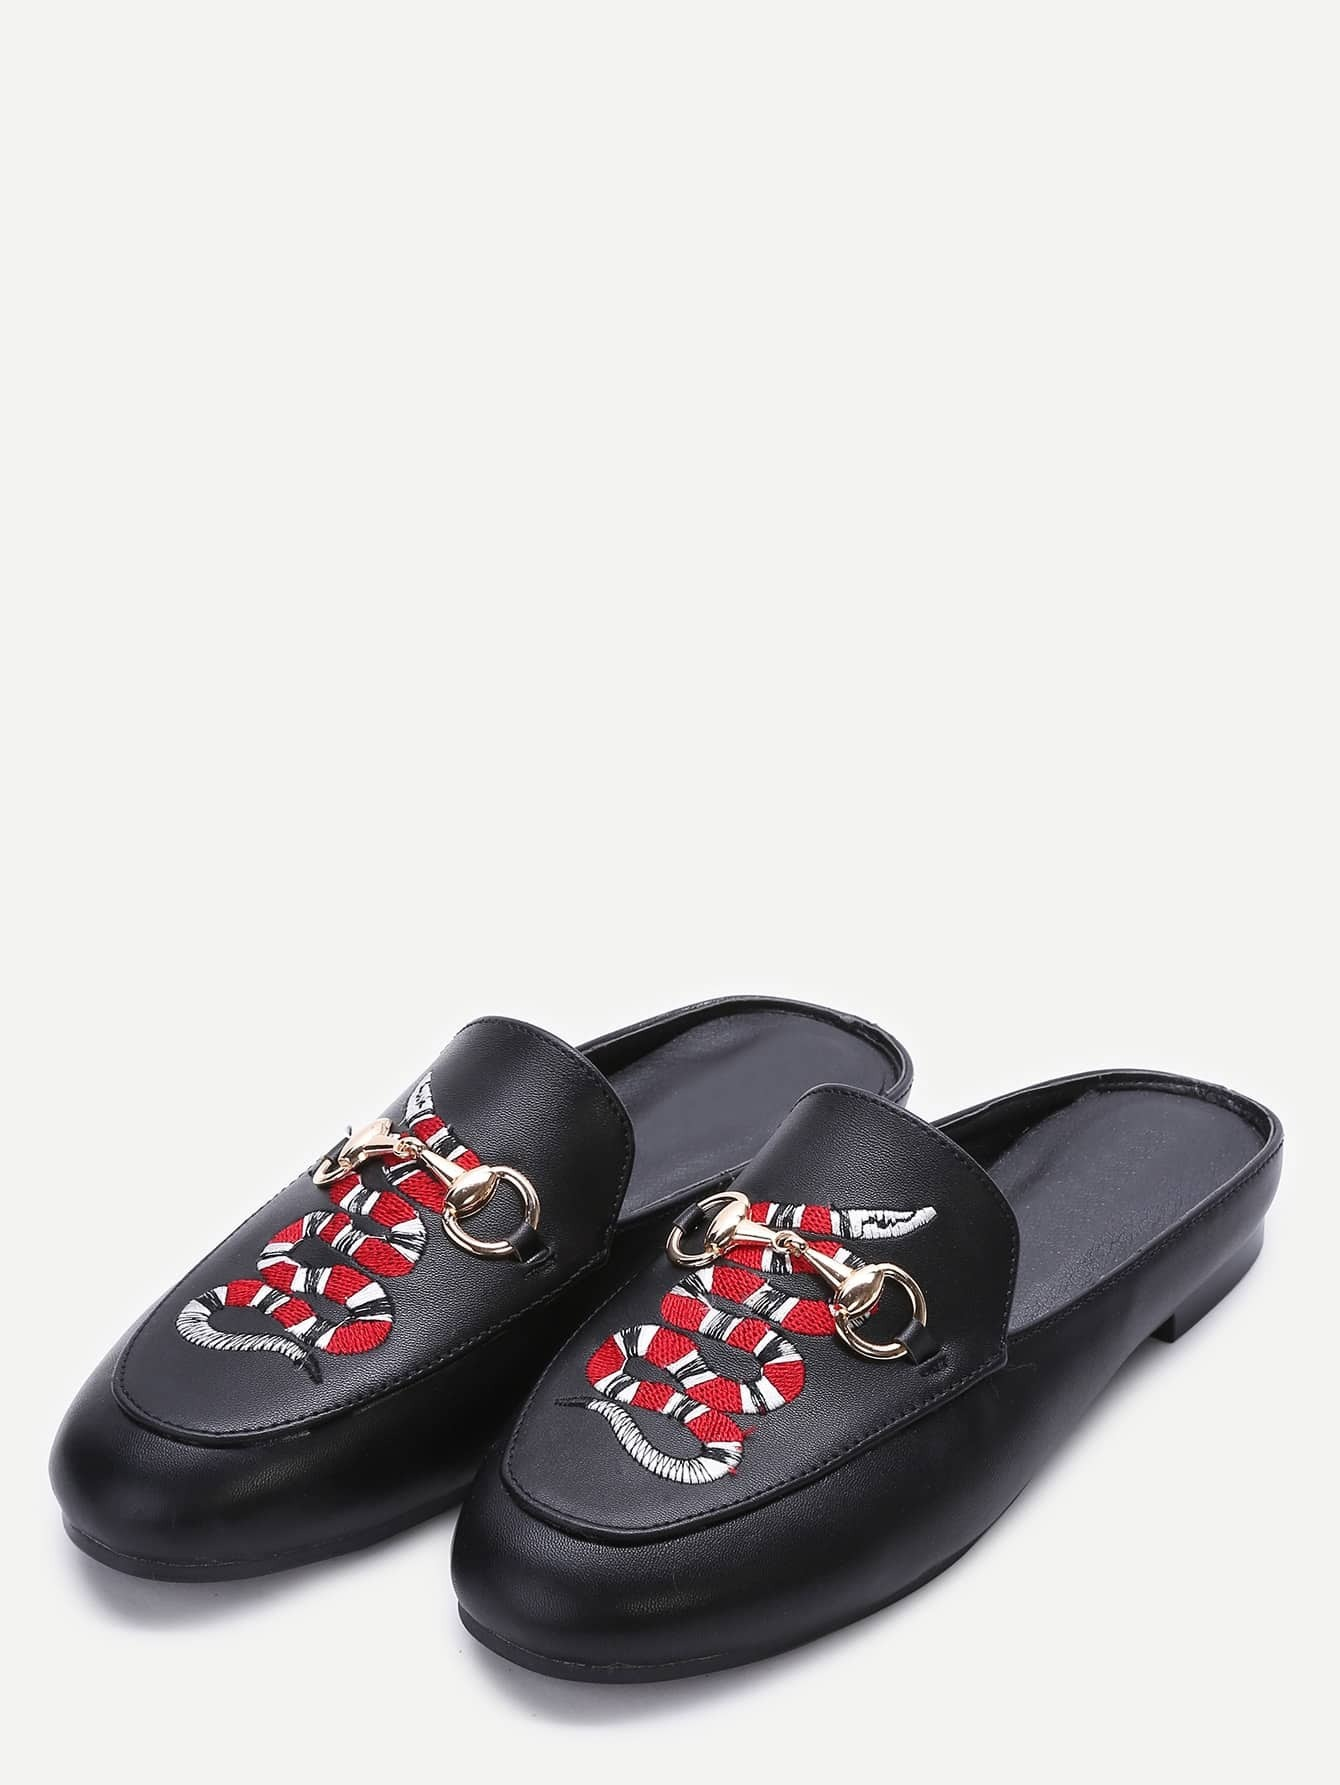 shoes161223808_2